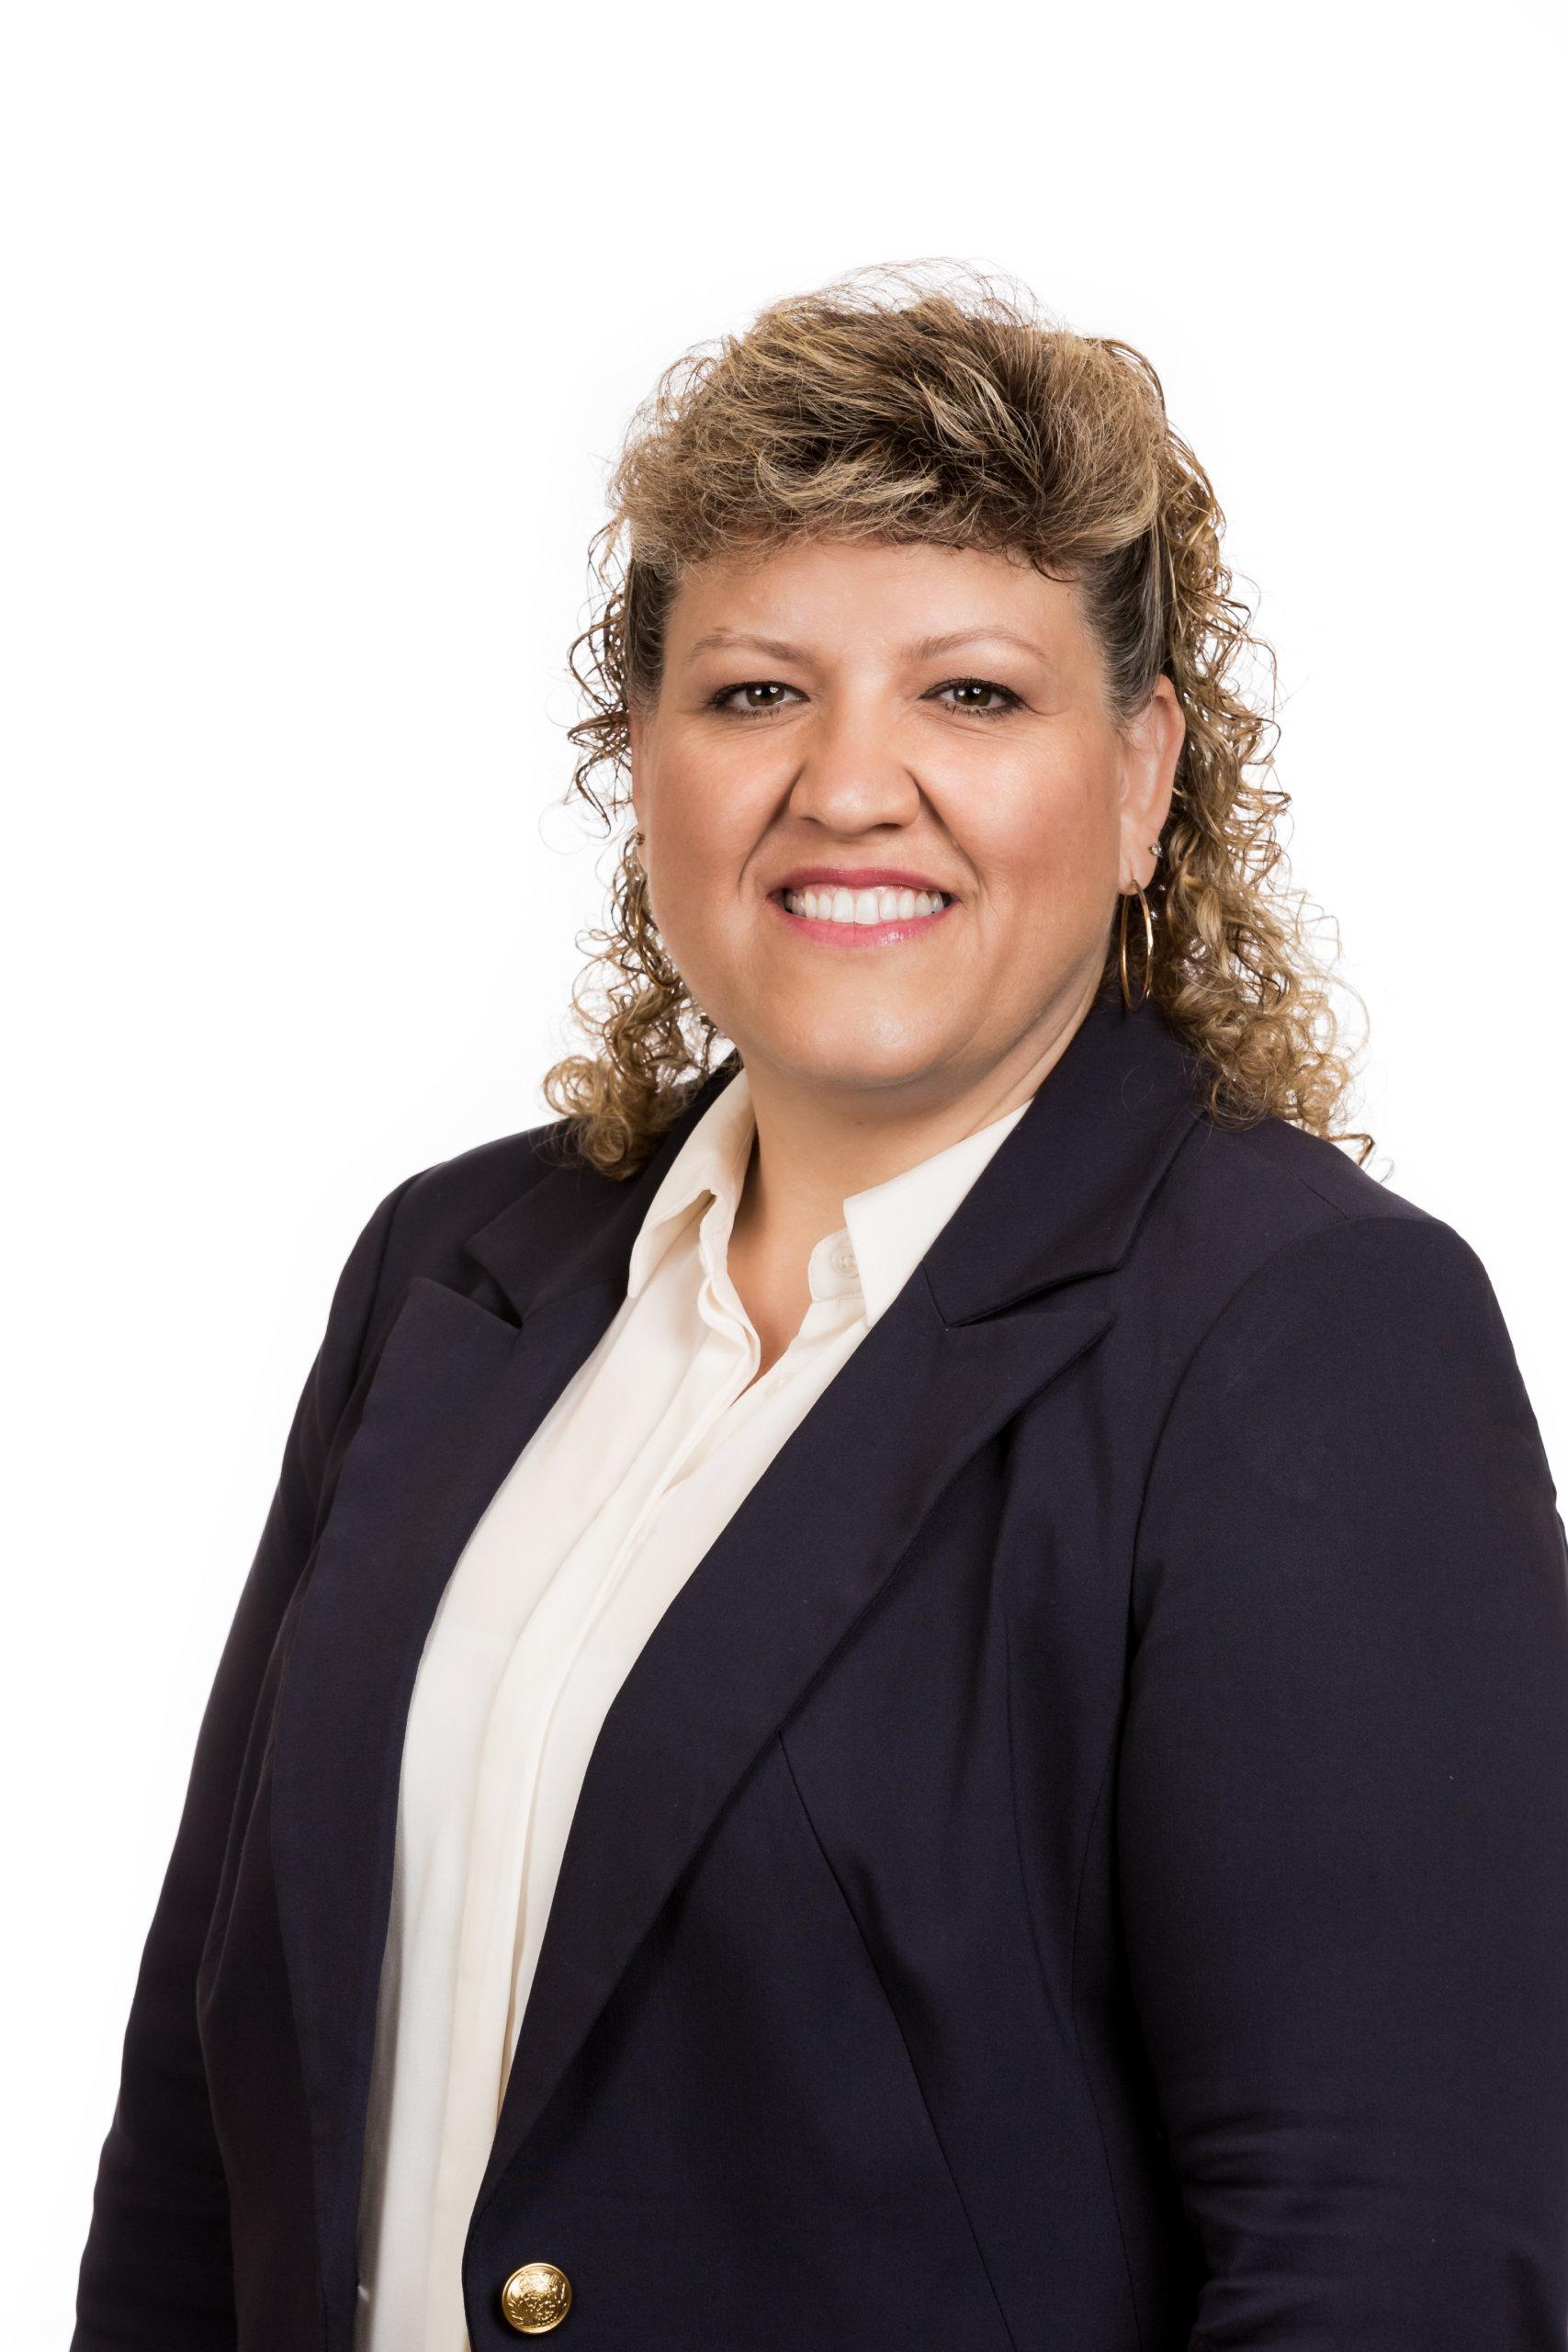 Blanca Chavez